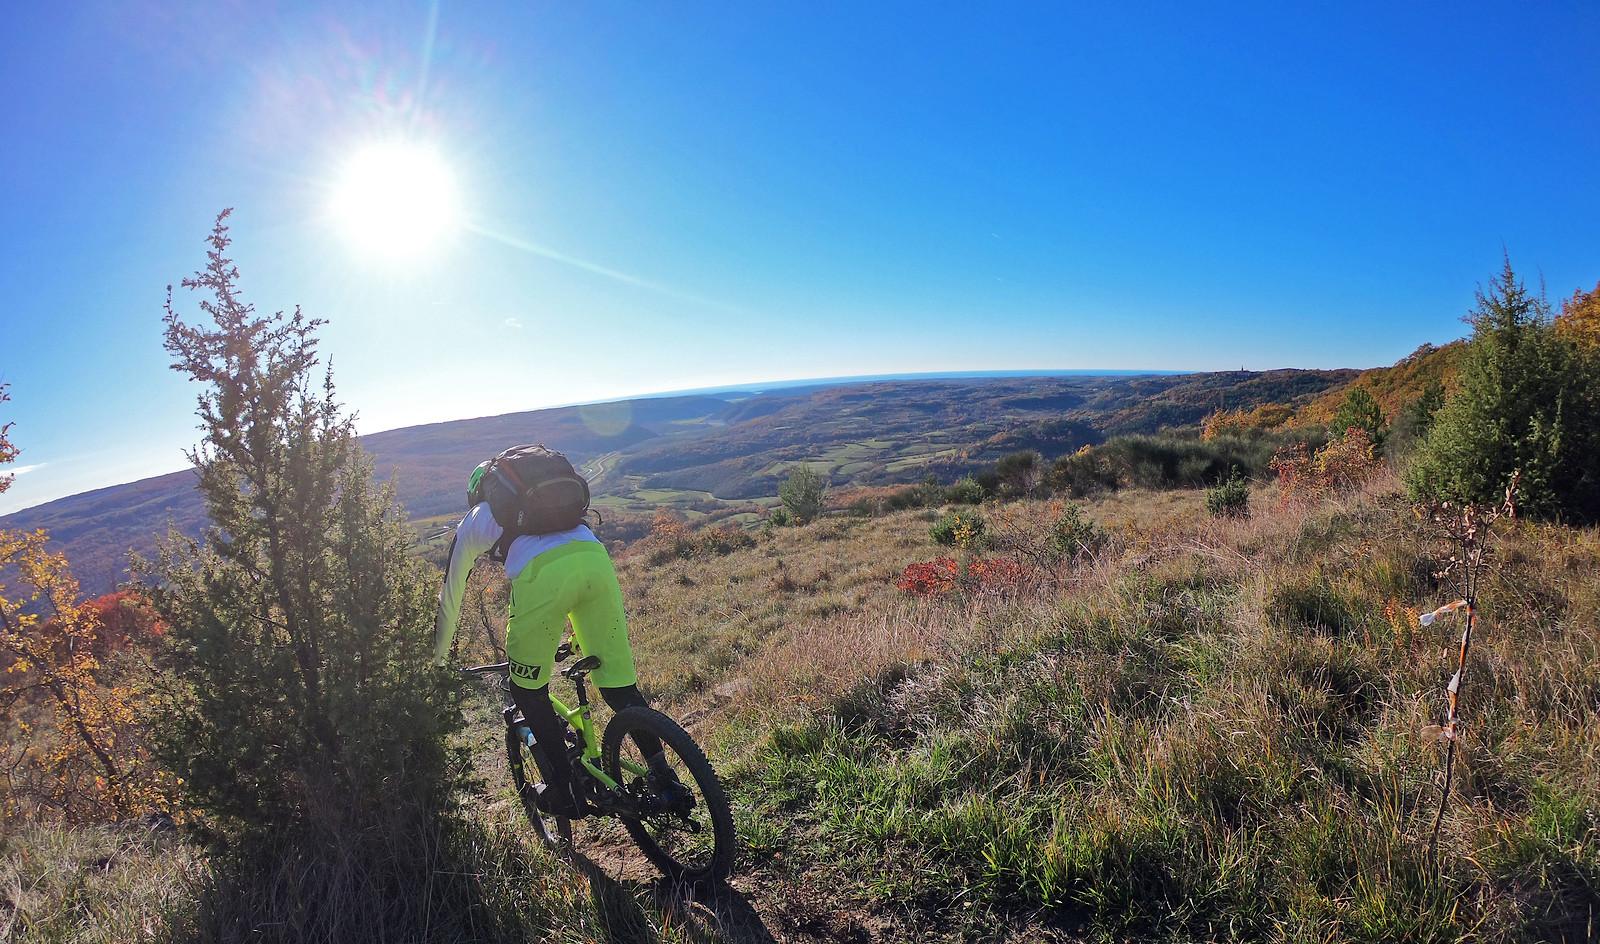 MTB Galaxy weekend 06 - porson - Mountain Biking Pictures - Vital MTB